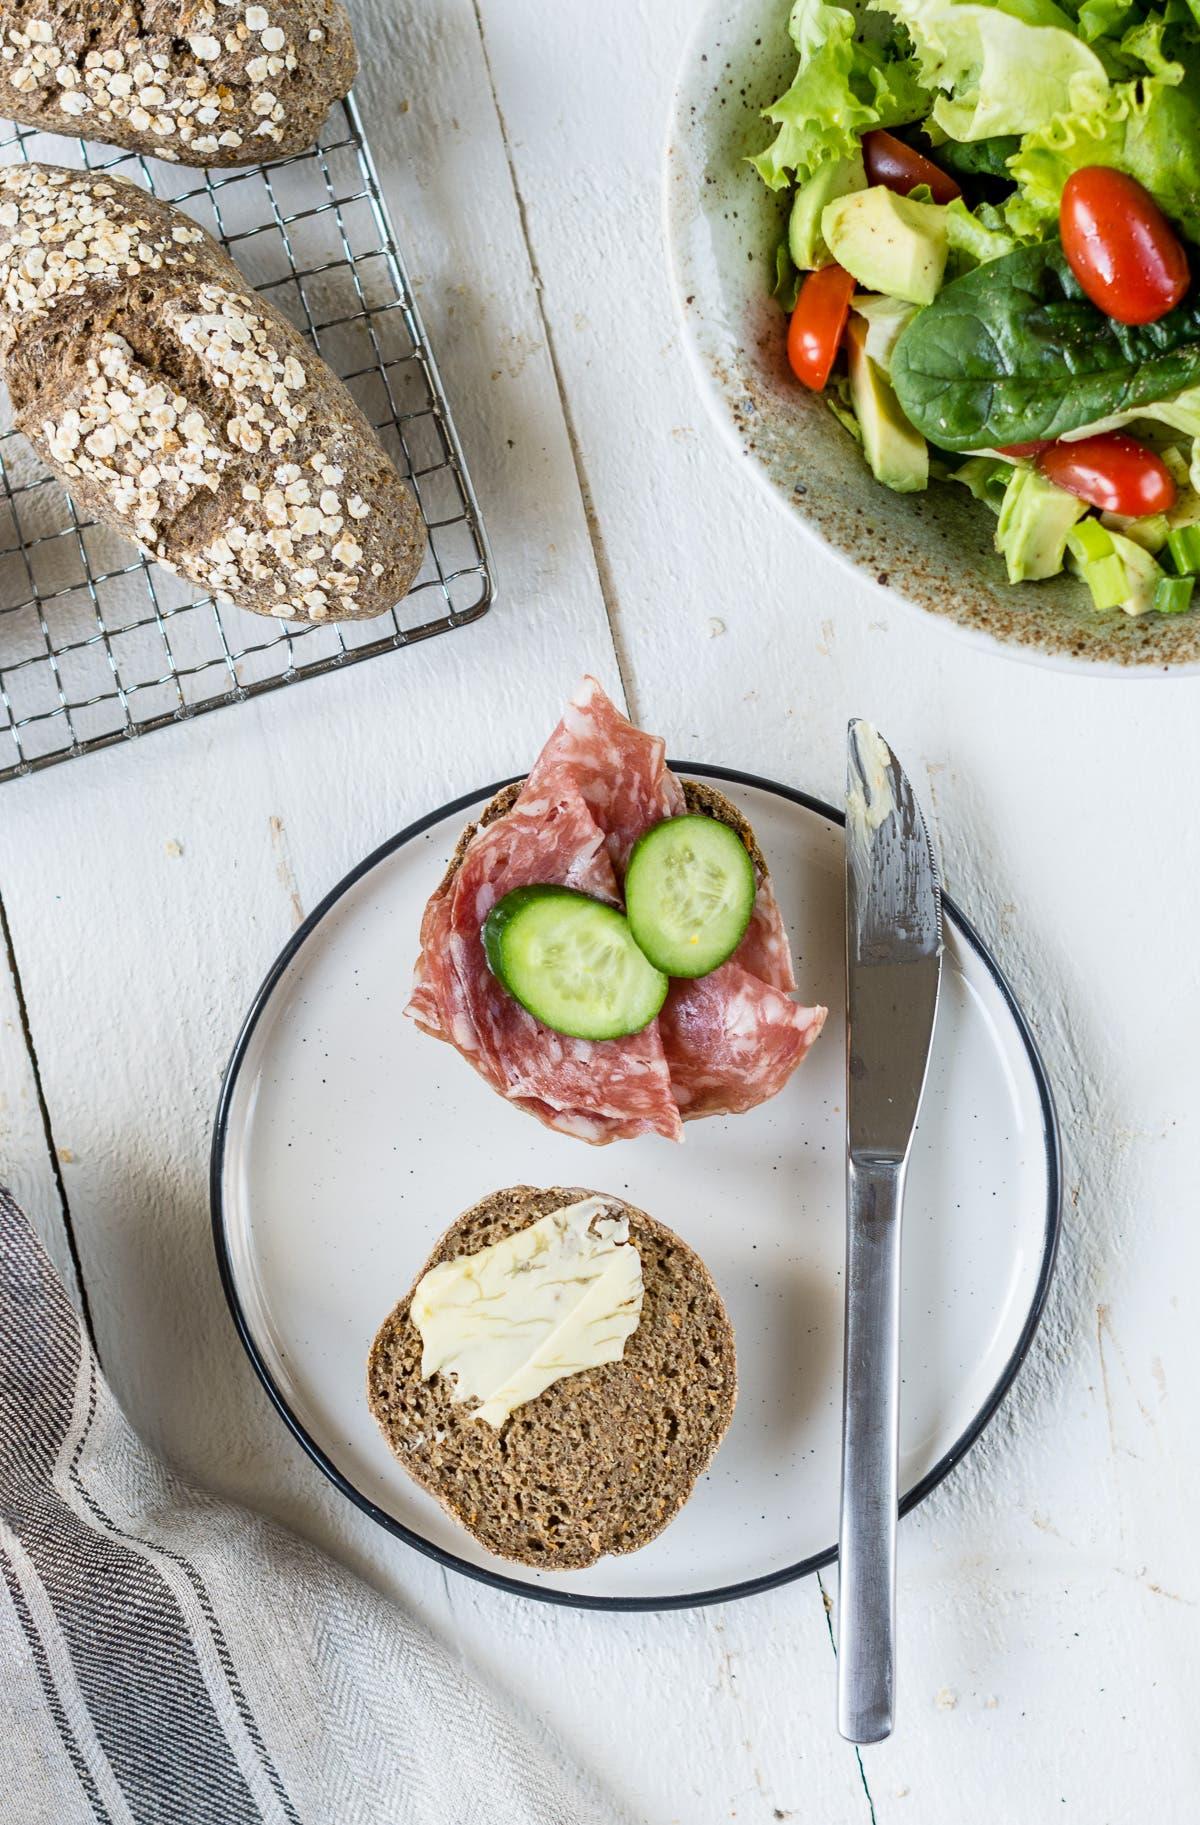 Top Shot von aufgeschnittenem Brötchen belegt mit Butter und Salami auf gedecktem Tisch